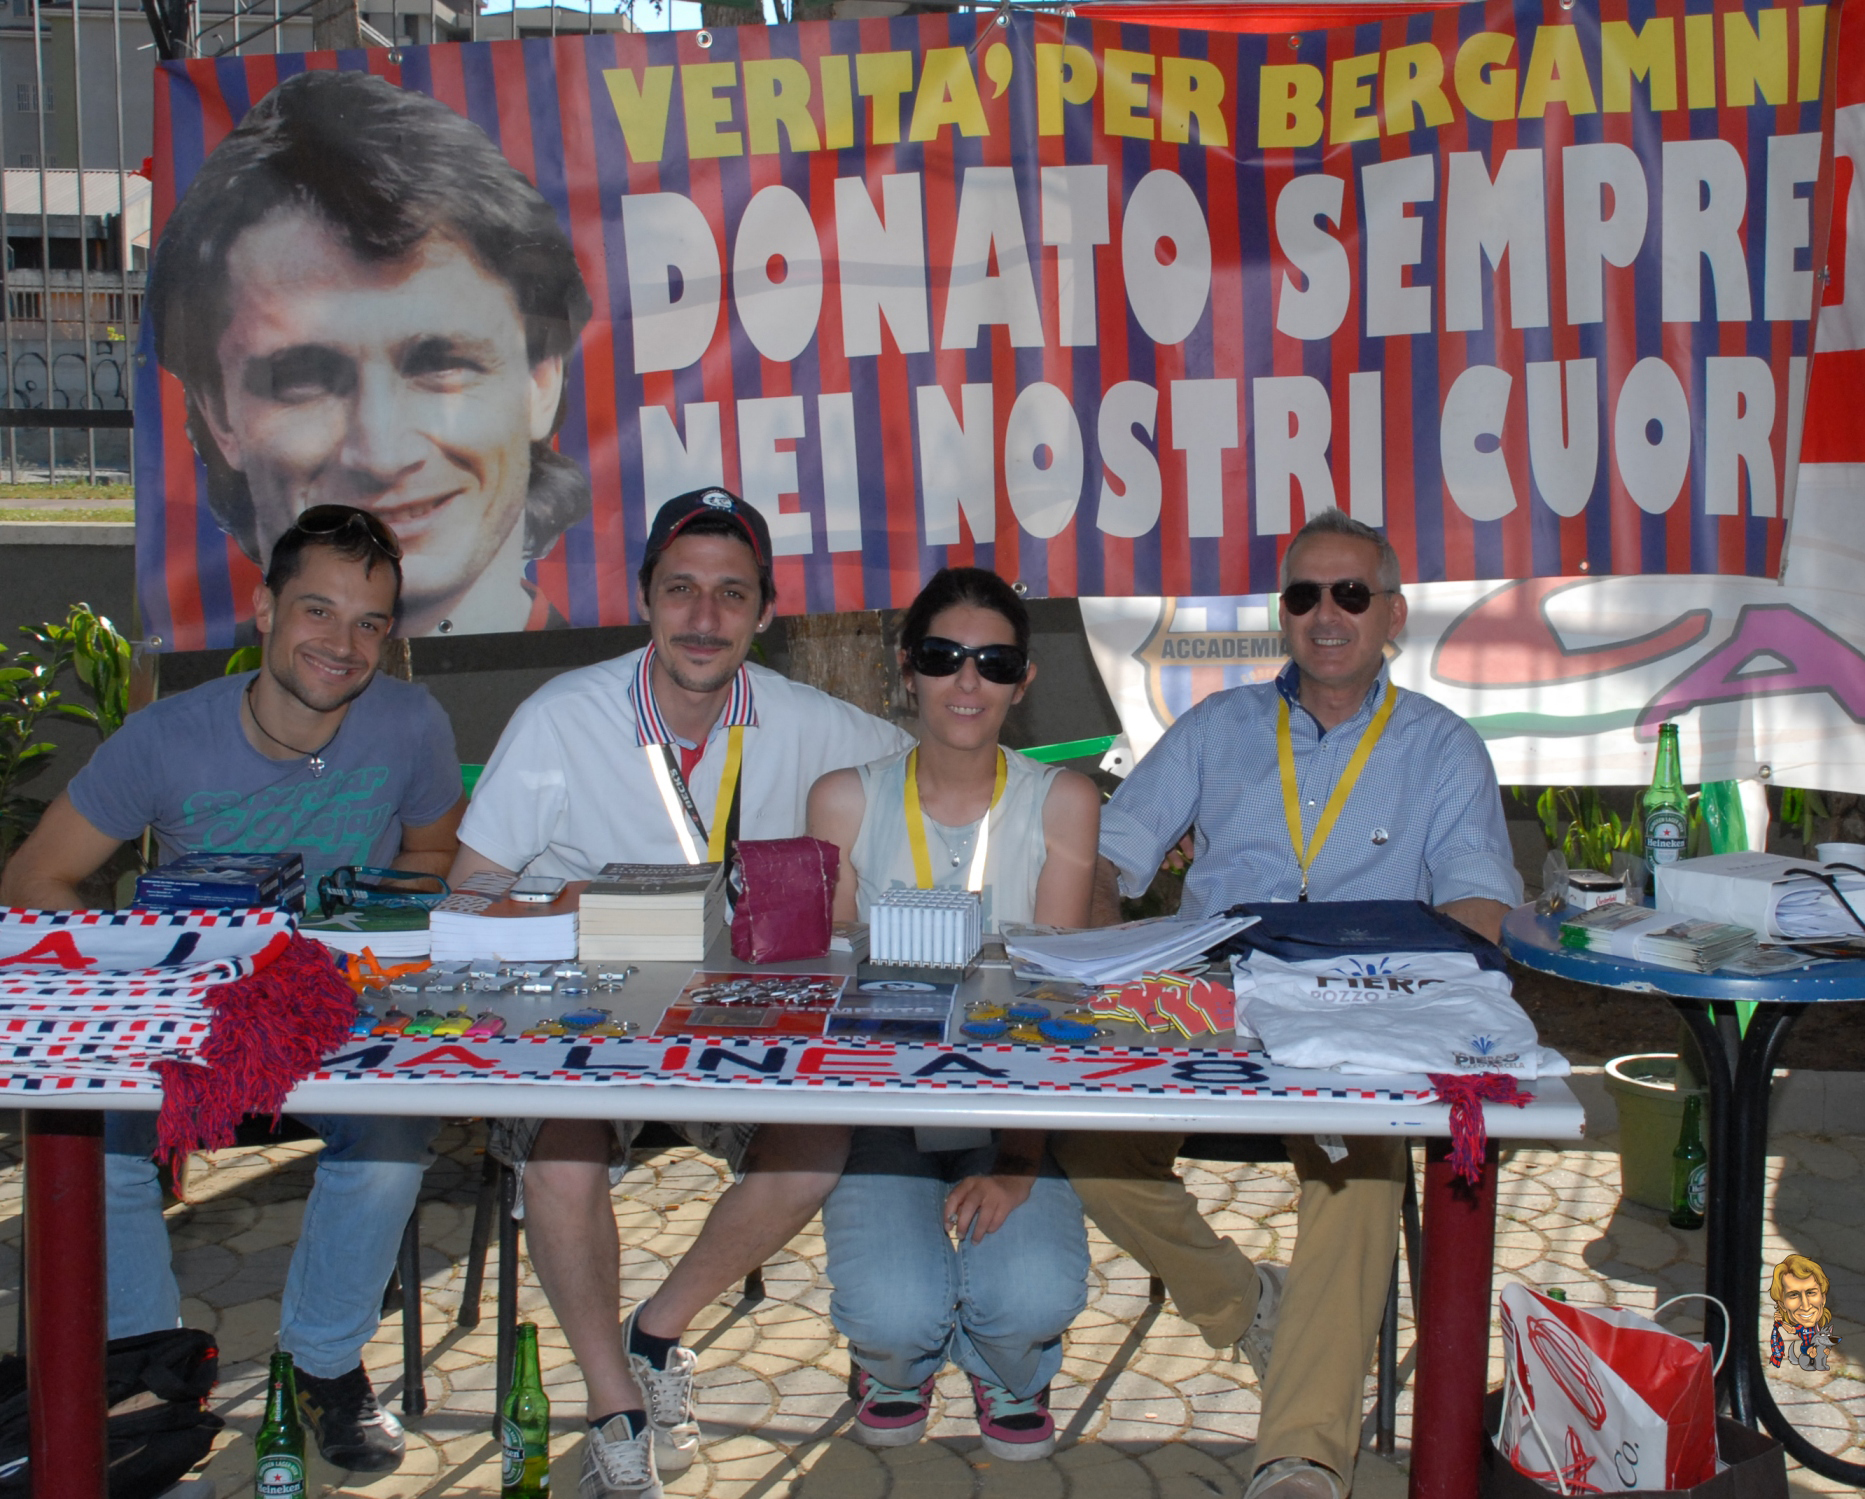 36-memorial-denis-bergamini-cosenza-centro-sportivo-marca-11-16-giugno-copia